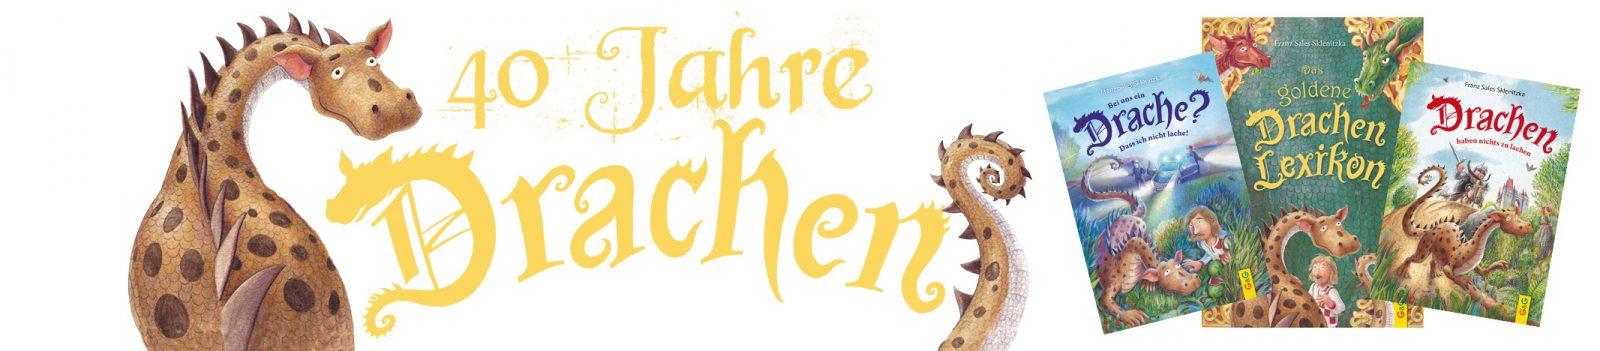 KW35_Slider_40JahreDrachen